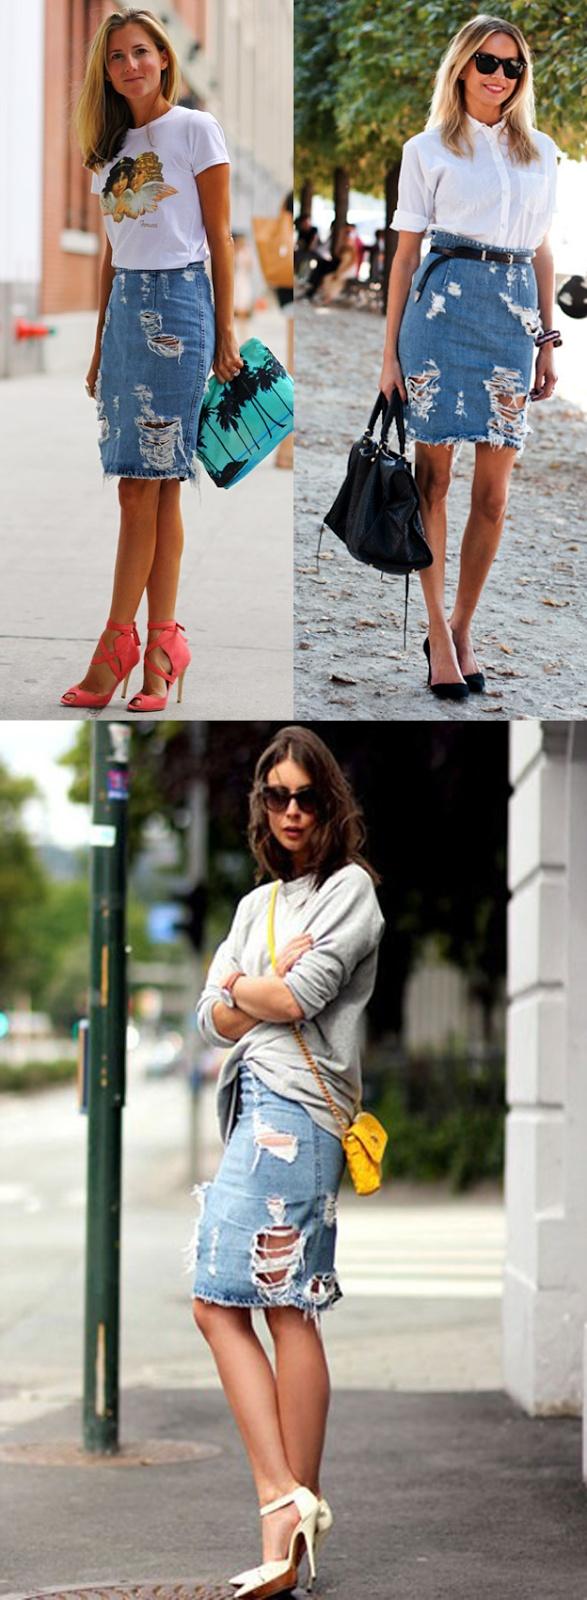 Jeans skirt Jeans Skirt #2dayslook #lily25789 #JeansSkirt www.2dayslook.com